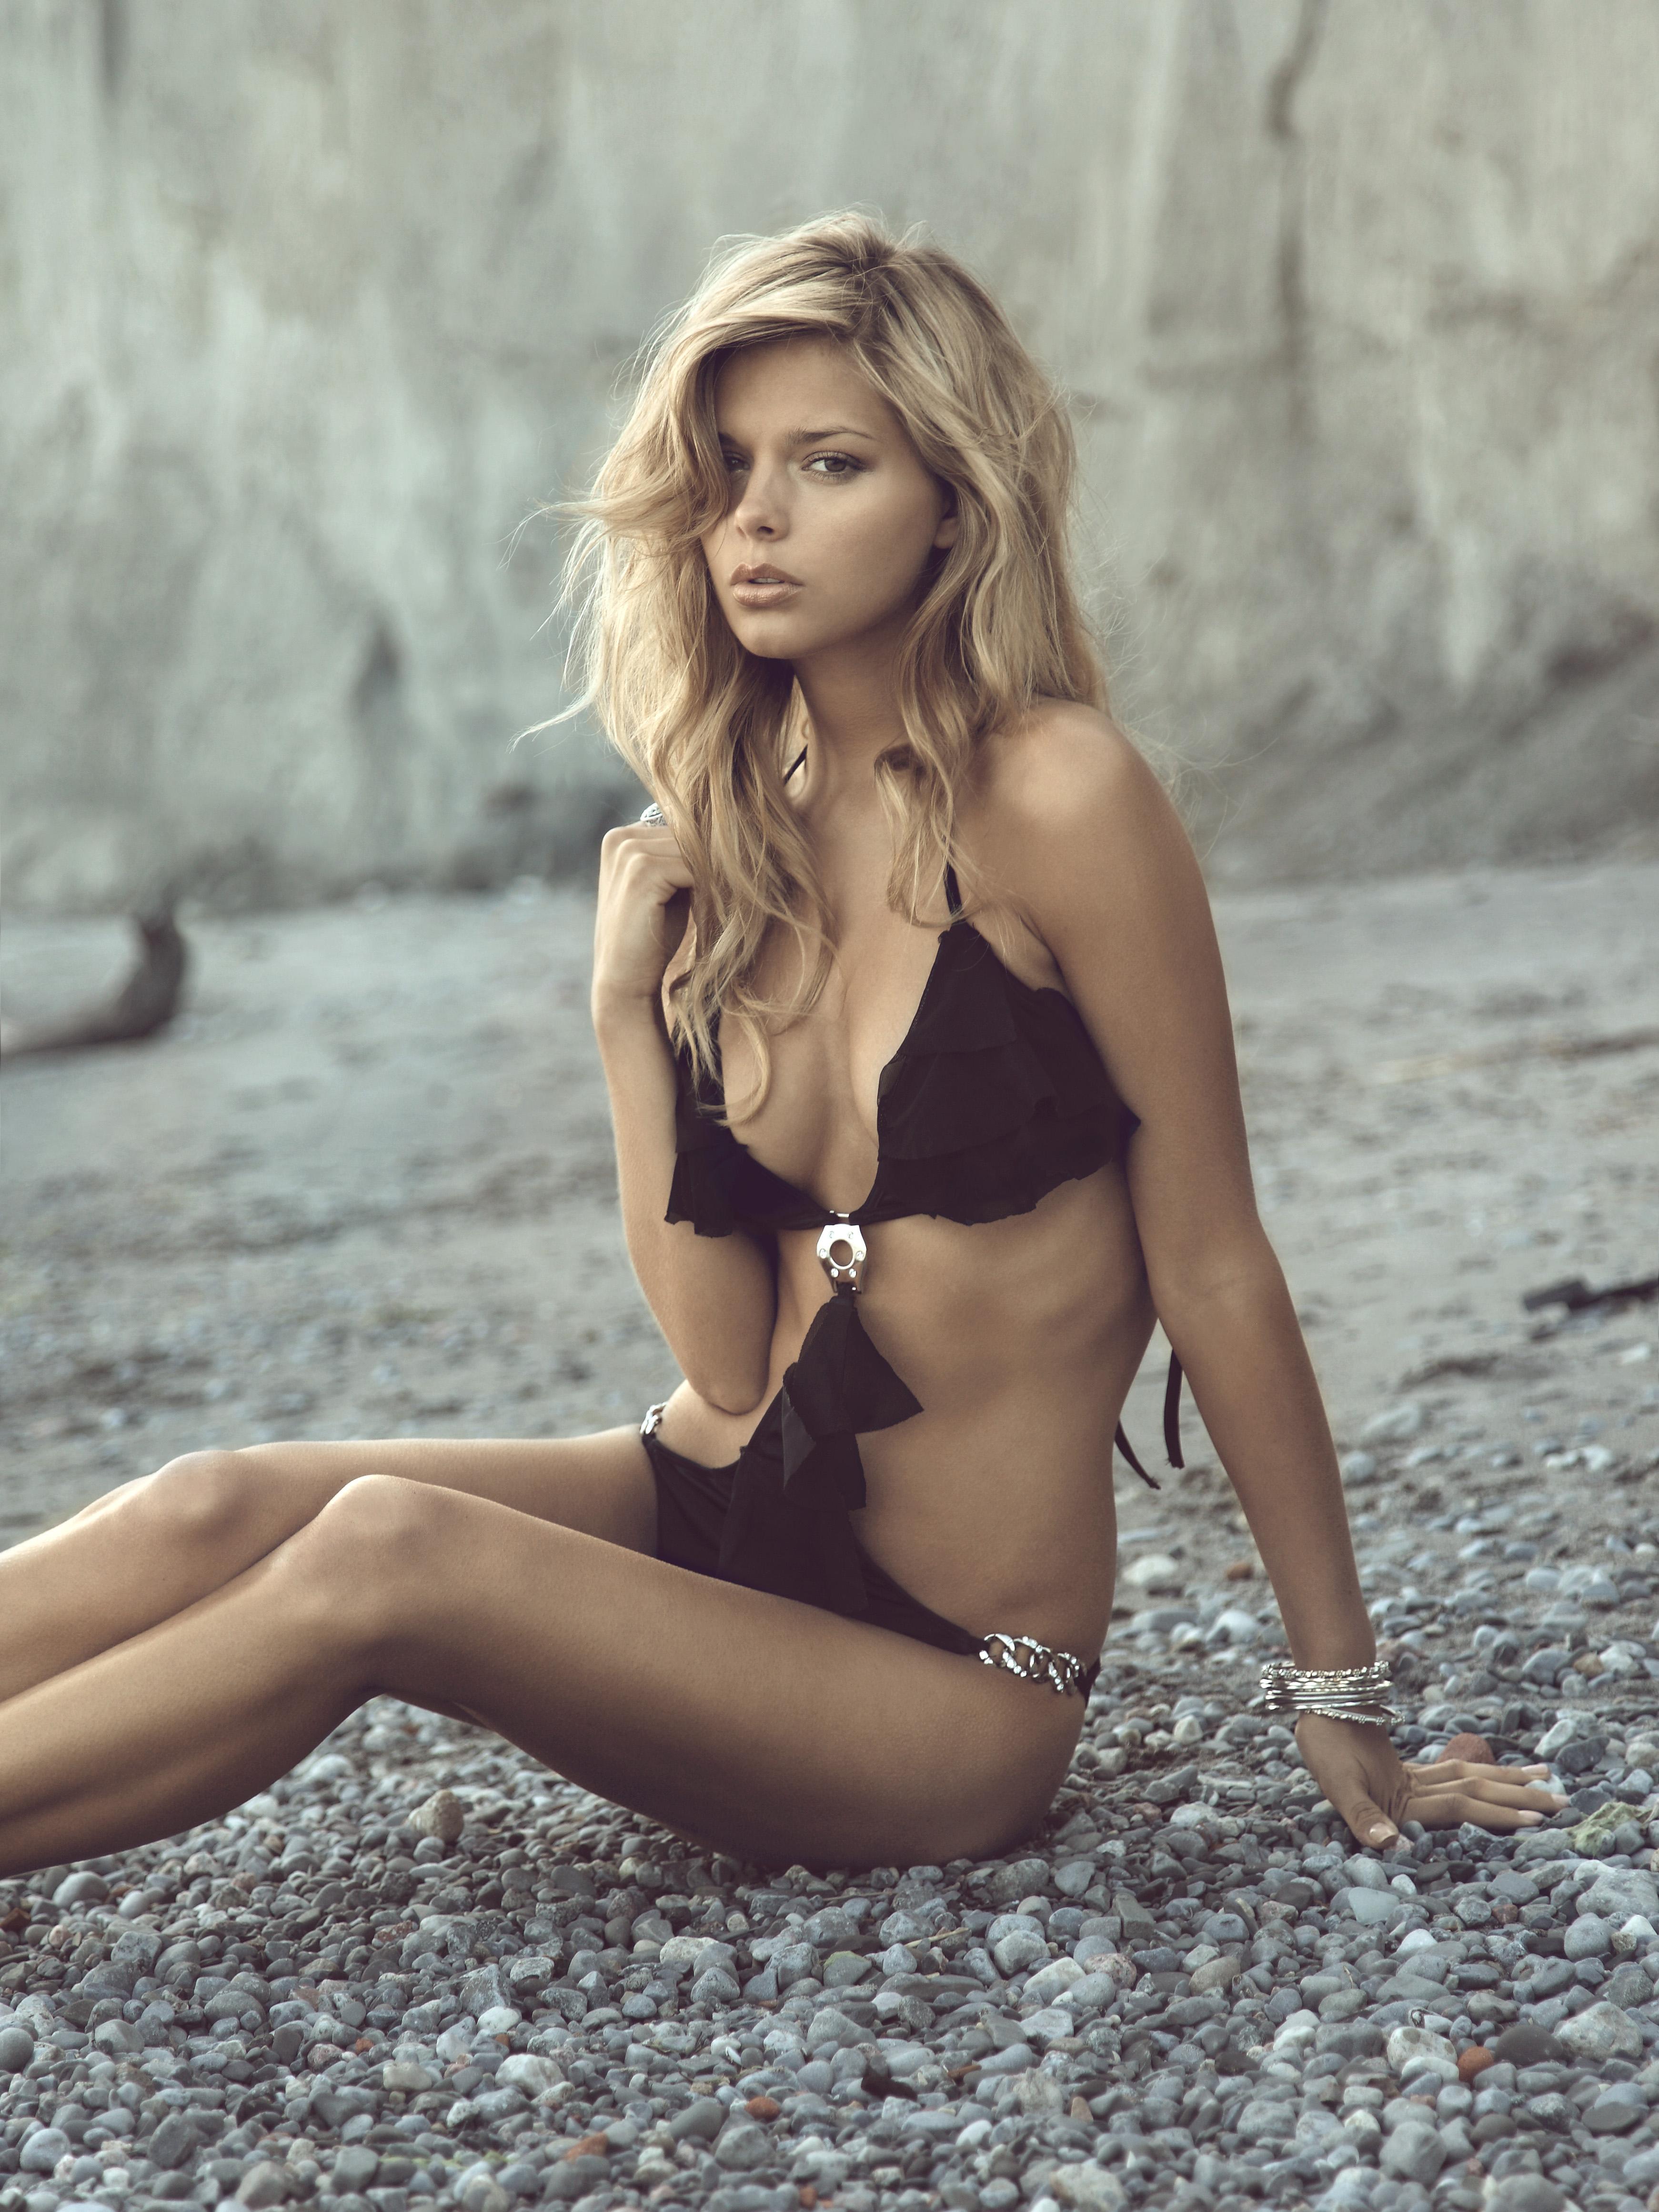 Фото девочек моделей голых 18 фотография